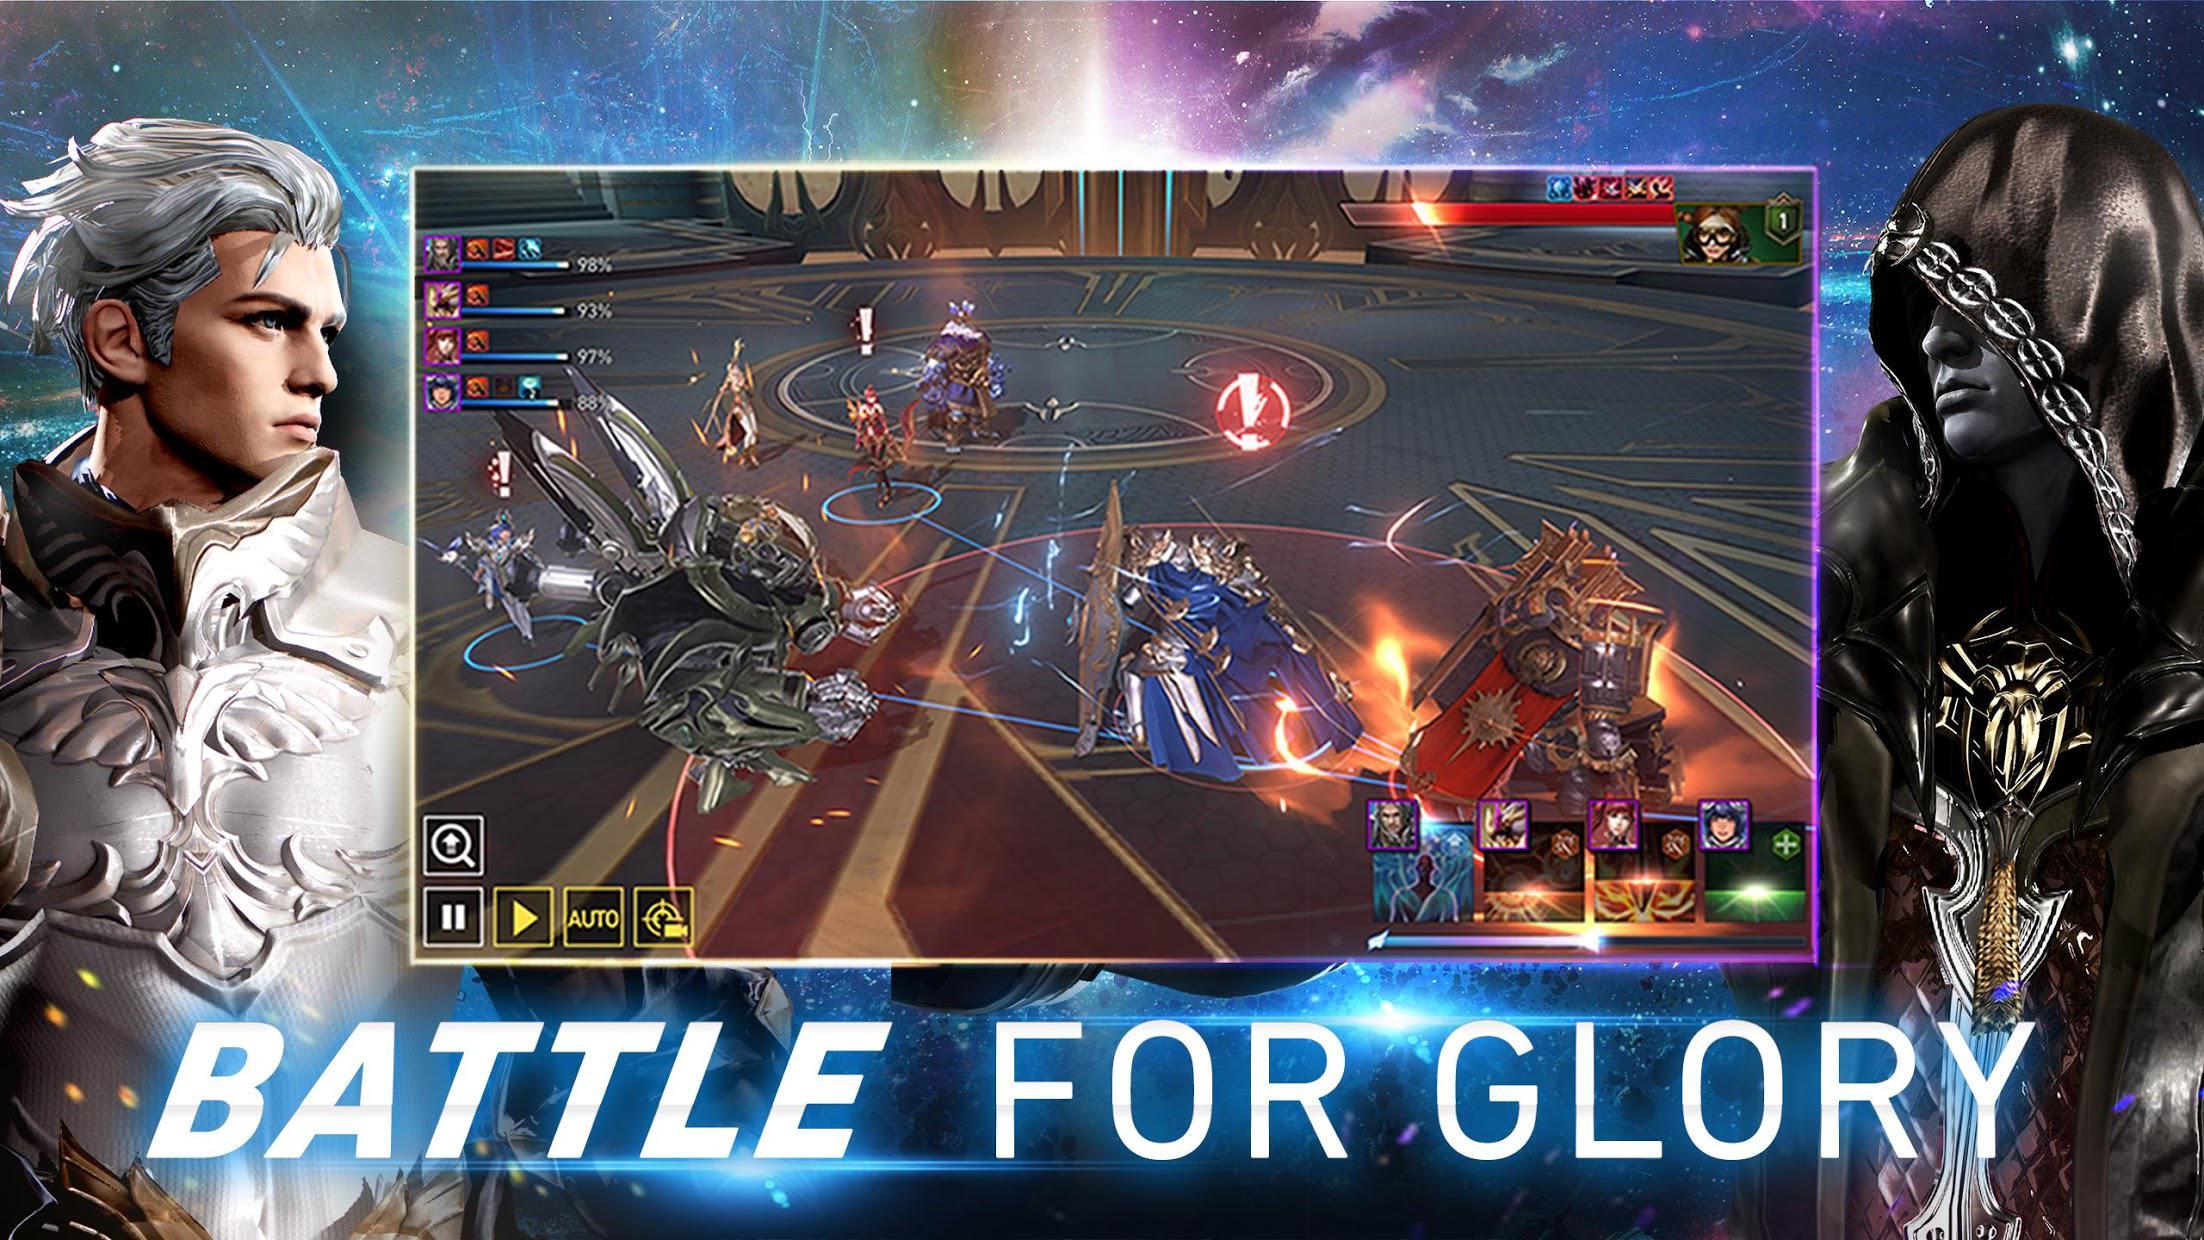 永恒之塔:军团之战 游戏截图4